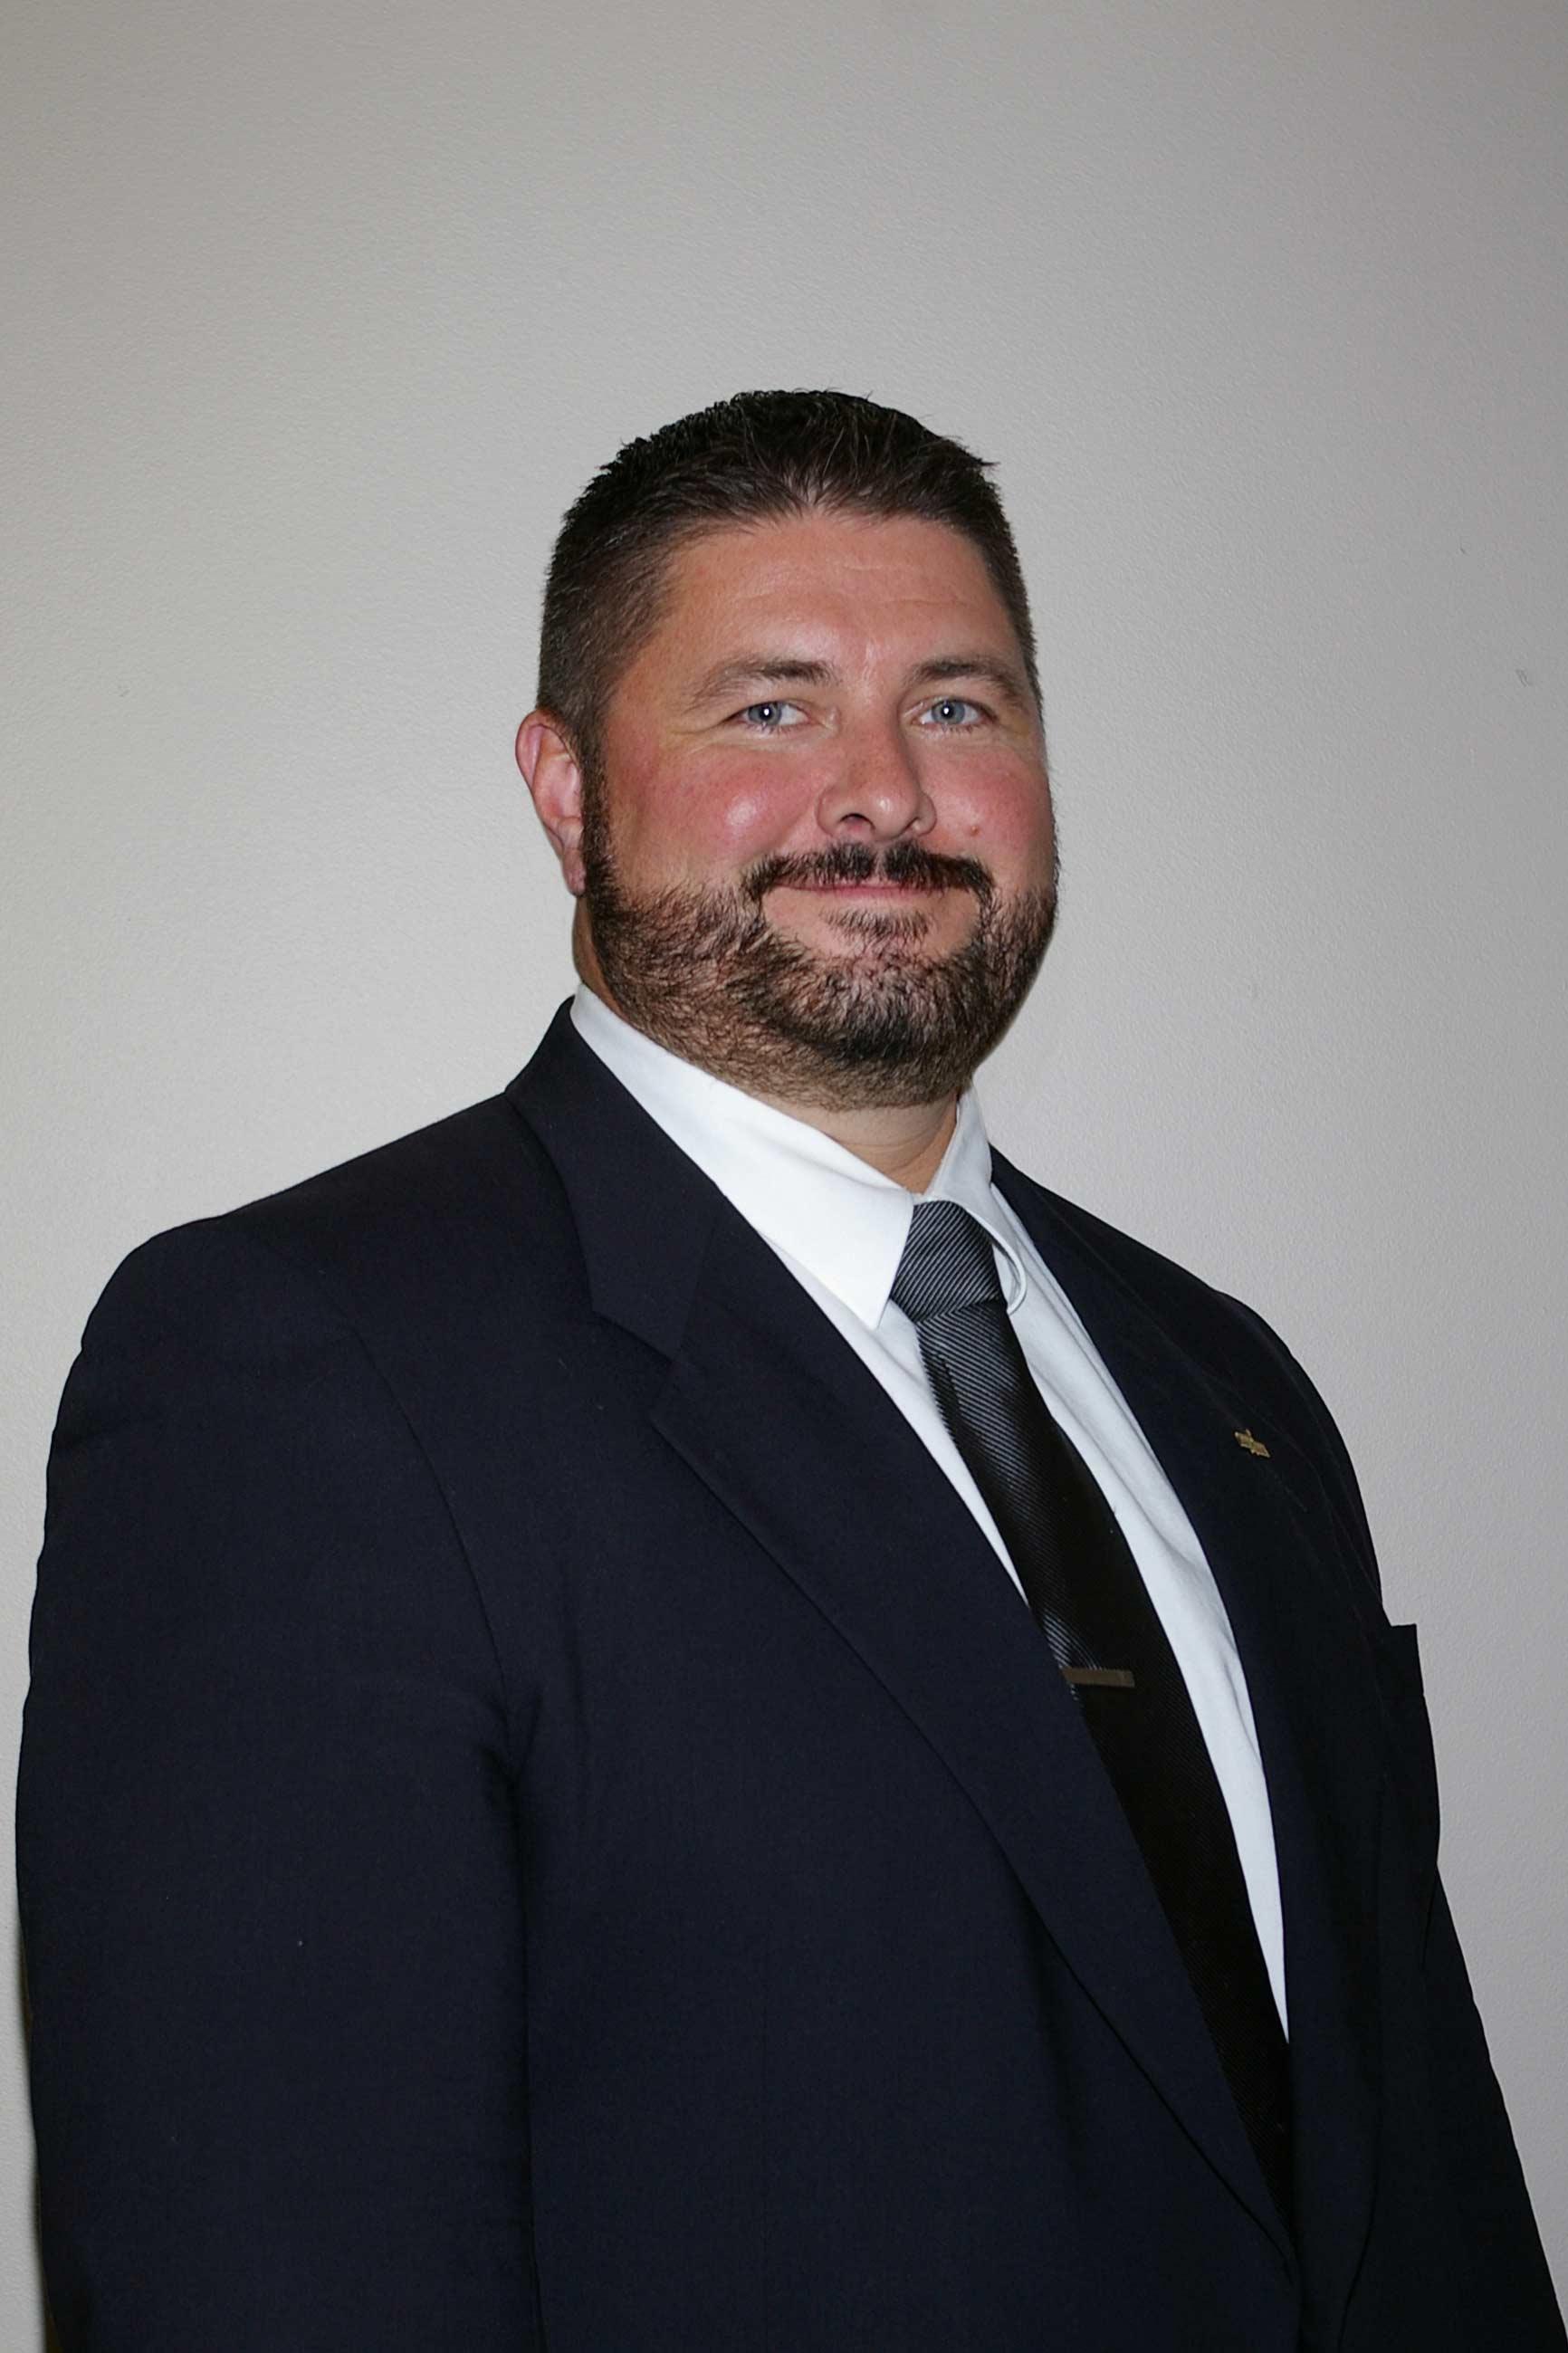 City Councillor Ryan Espey